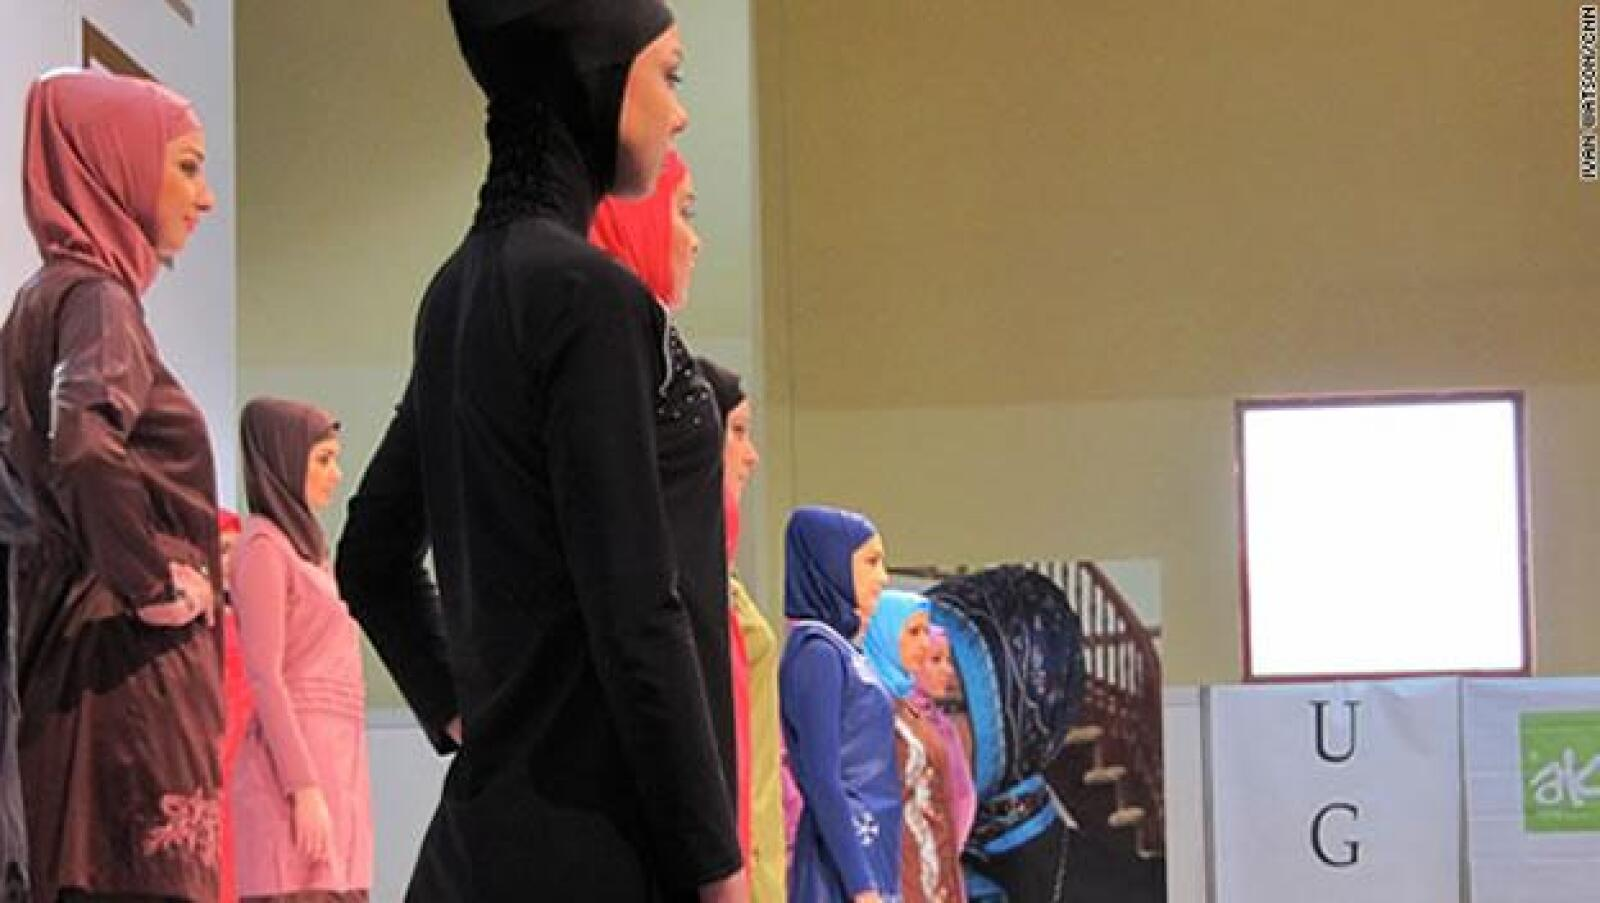 Los colores brillantes están muy lejos de las túnicas oscuras y las famosas burkas